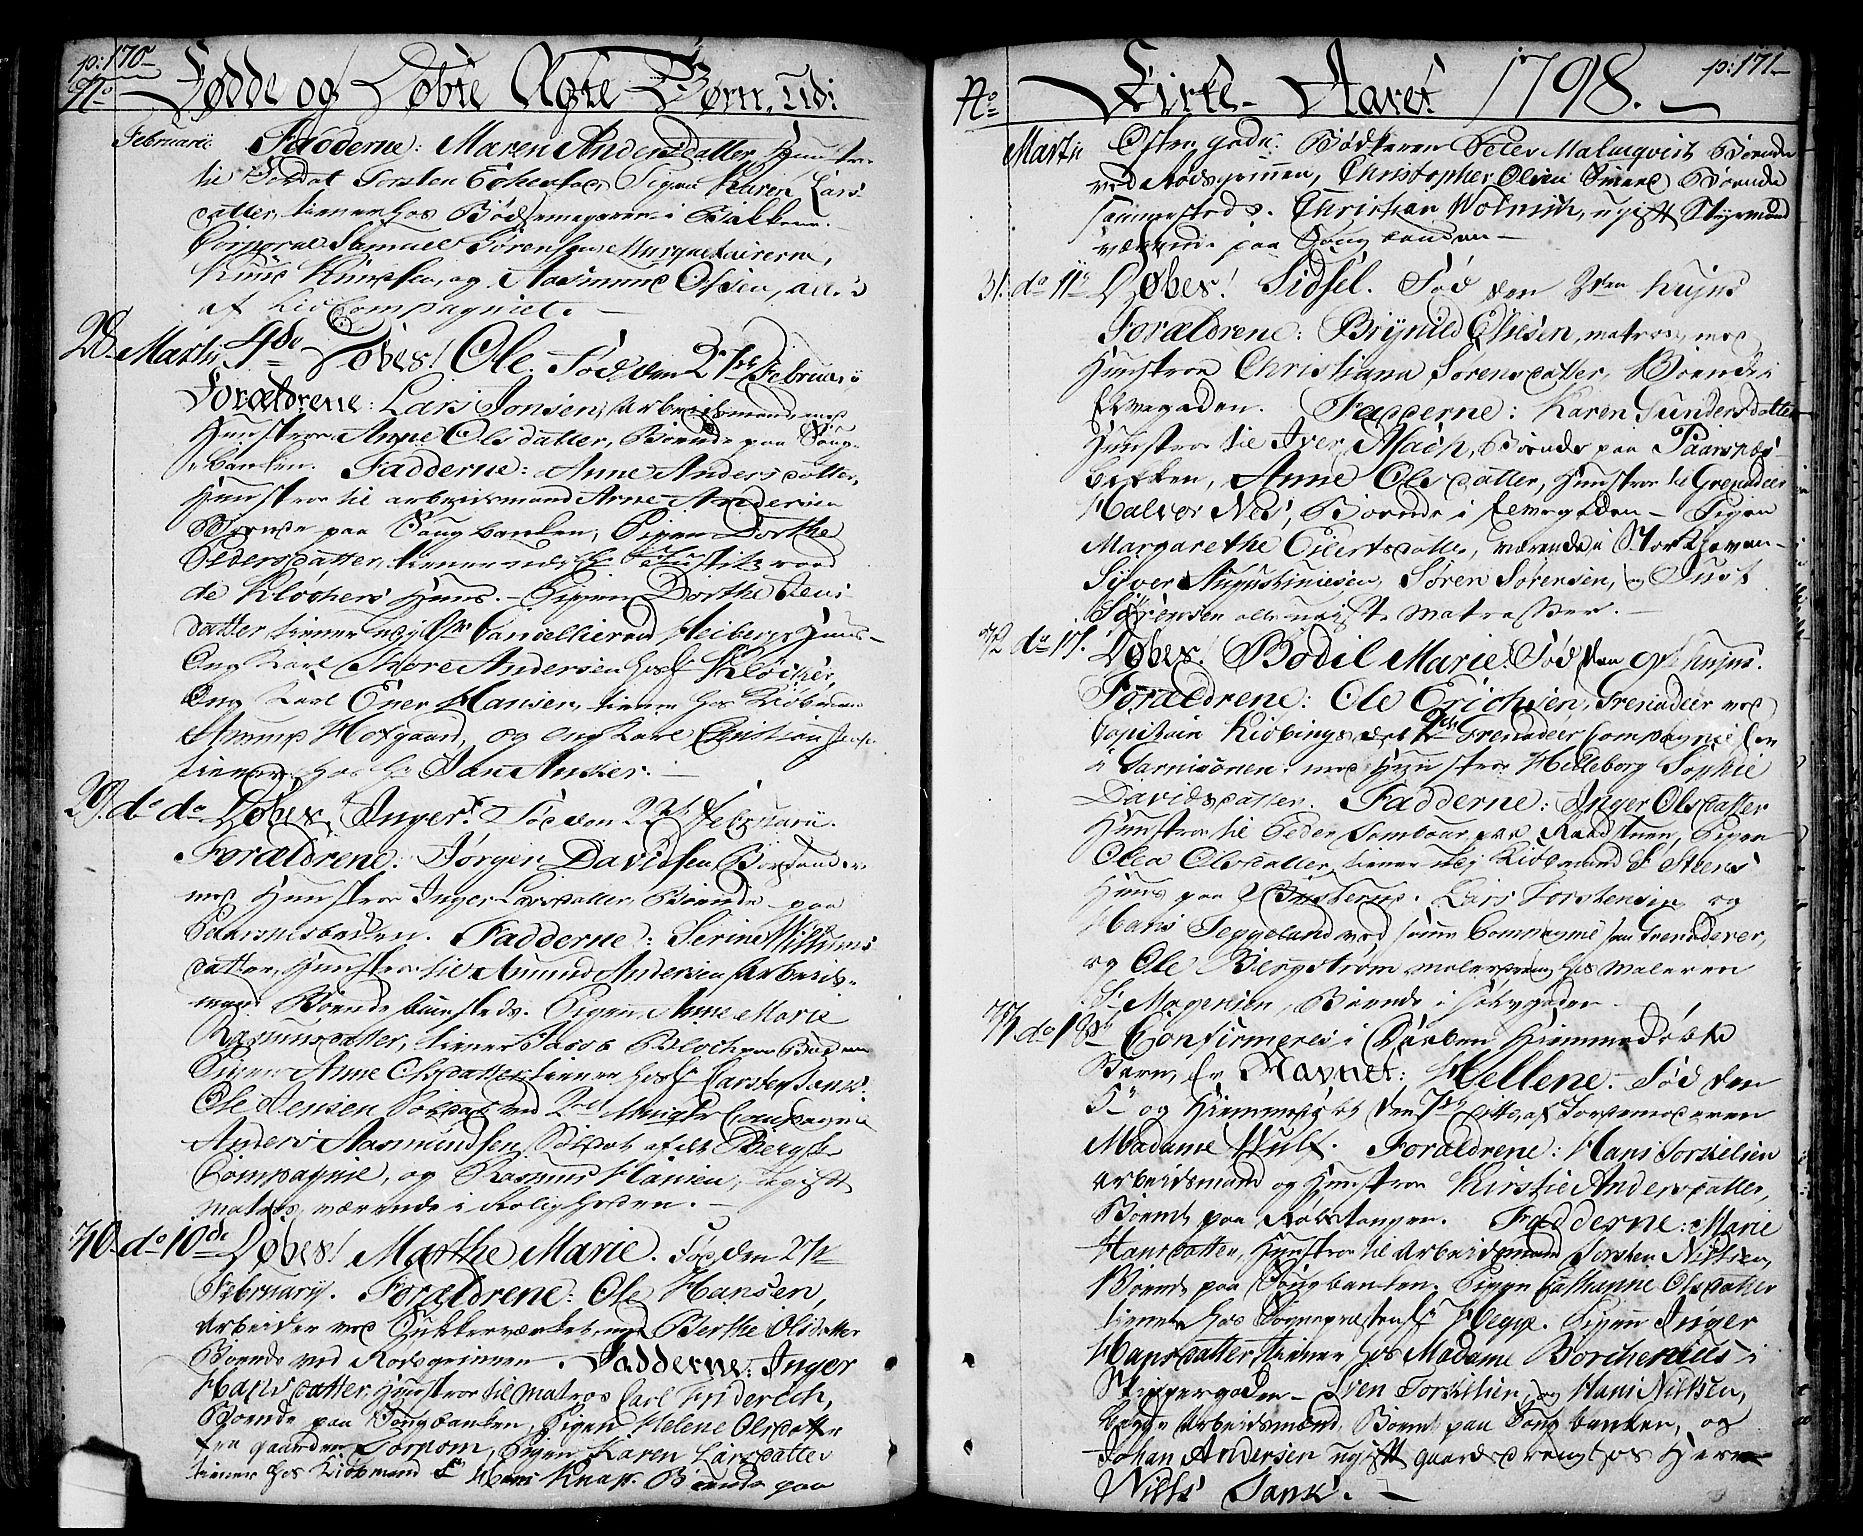 SAO, Halden prestekontor Kirkebøker, F/Fa/L0002: Ministerialbok nr. I 2, 1792-1812, s. 170-171